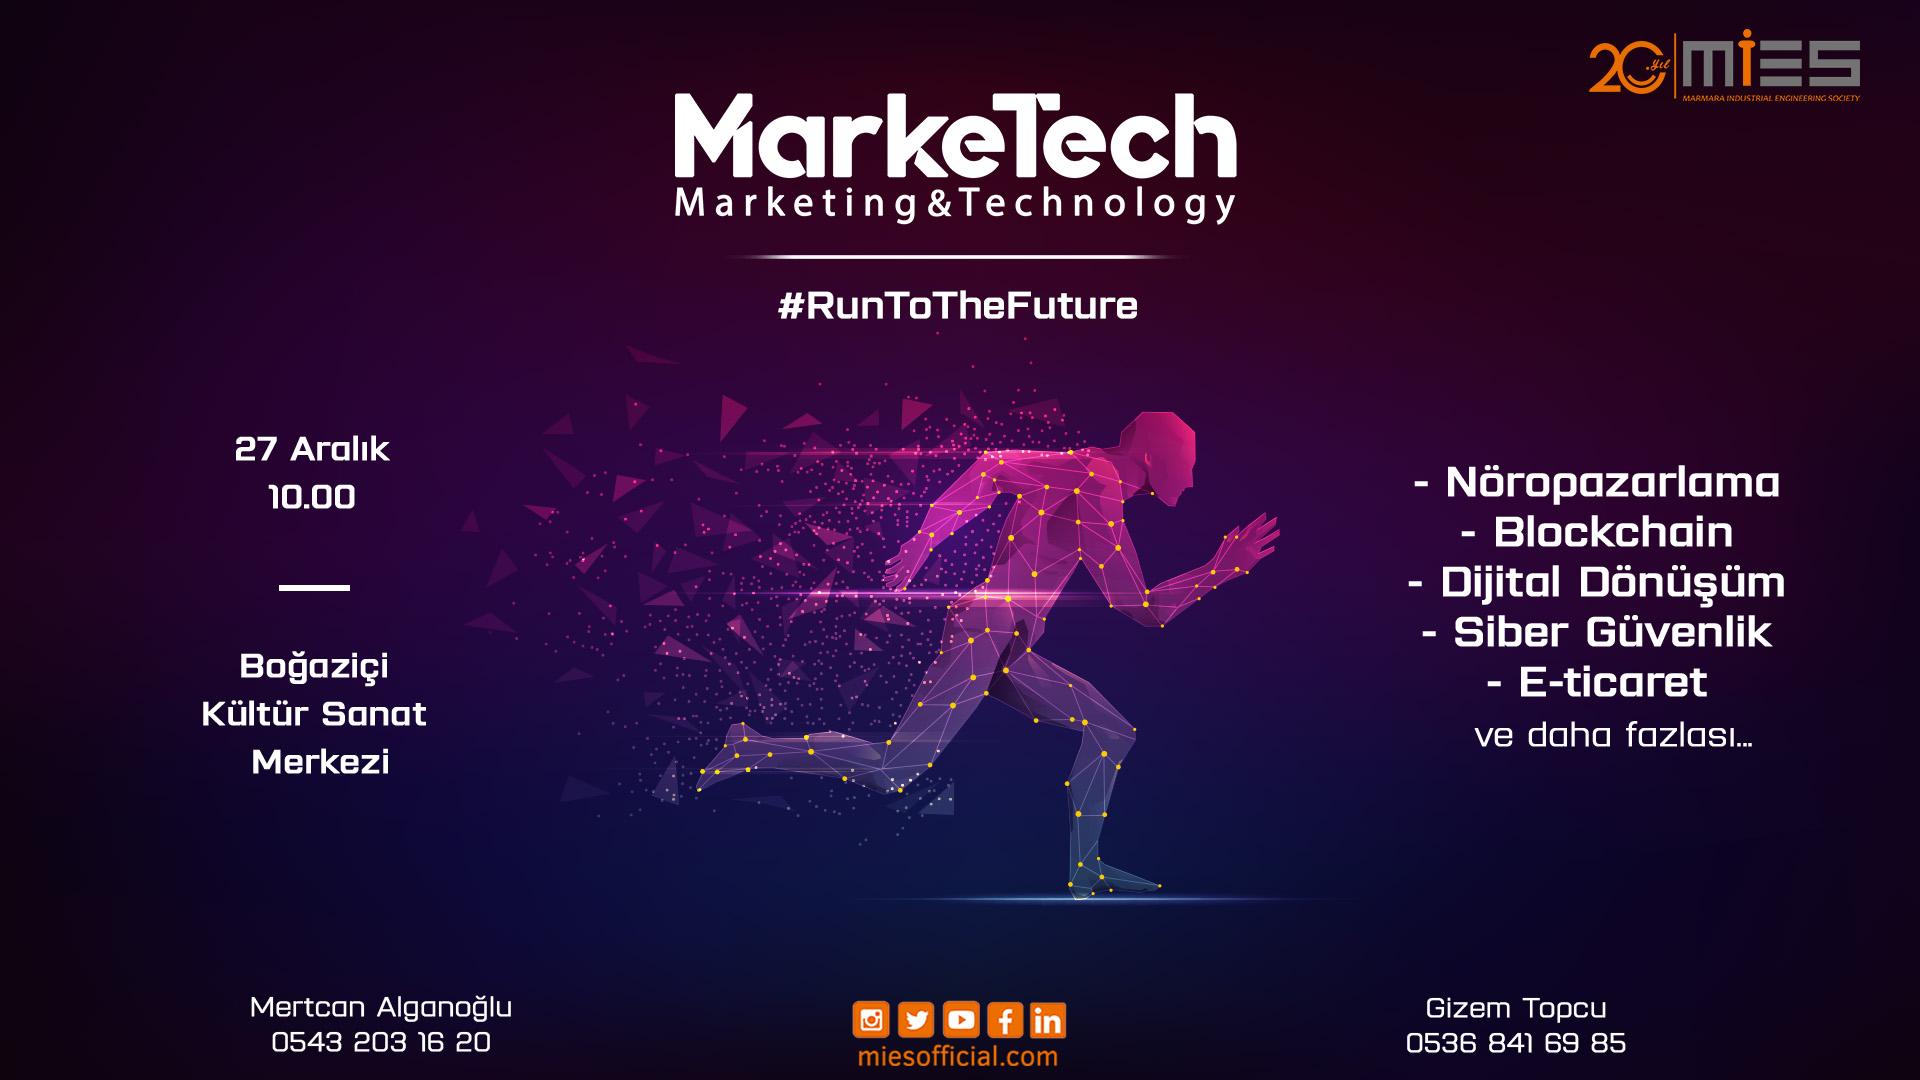 Teknoloji ve Pazarlama'da Geleceğe Koşmak İsteyenler MarkeTech'de Buluşuyor